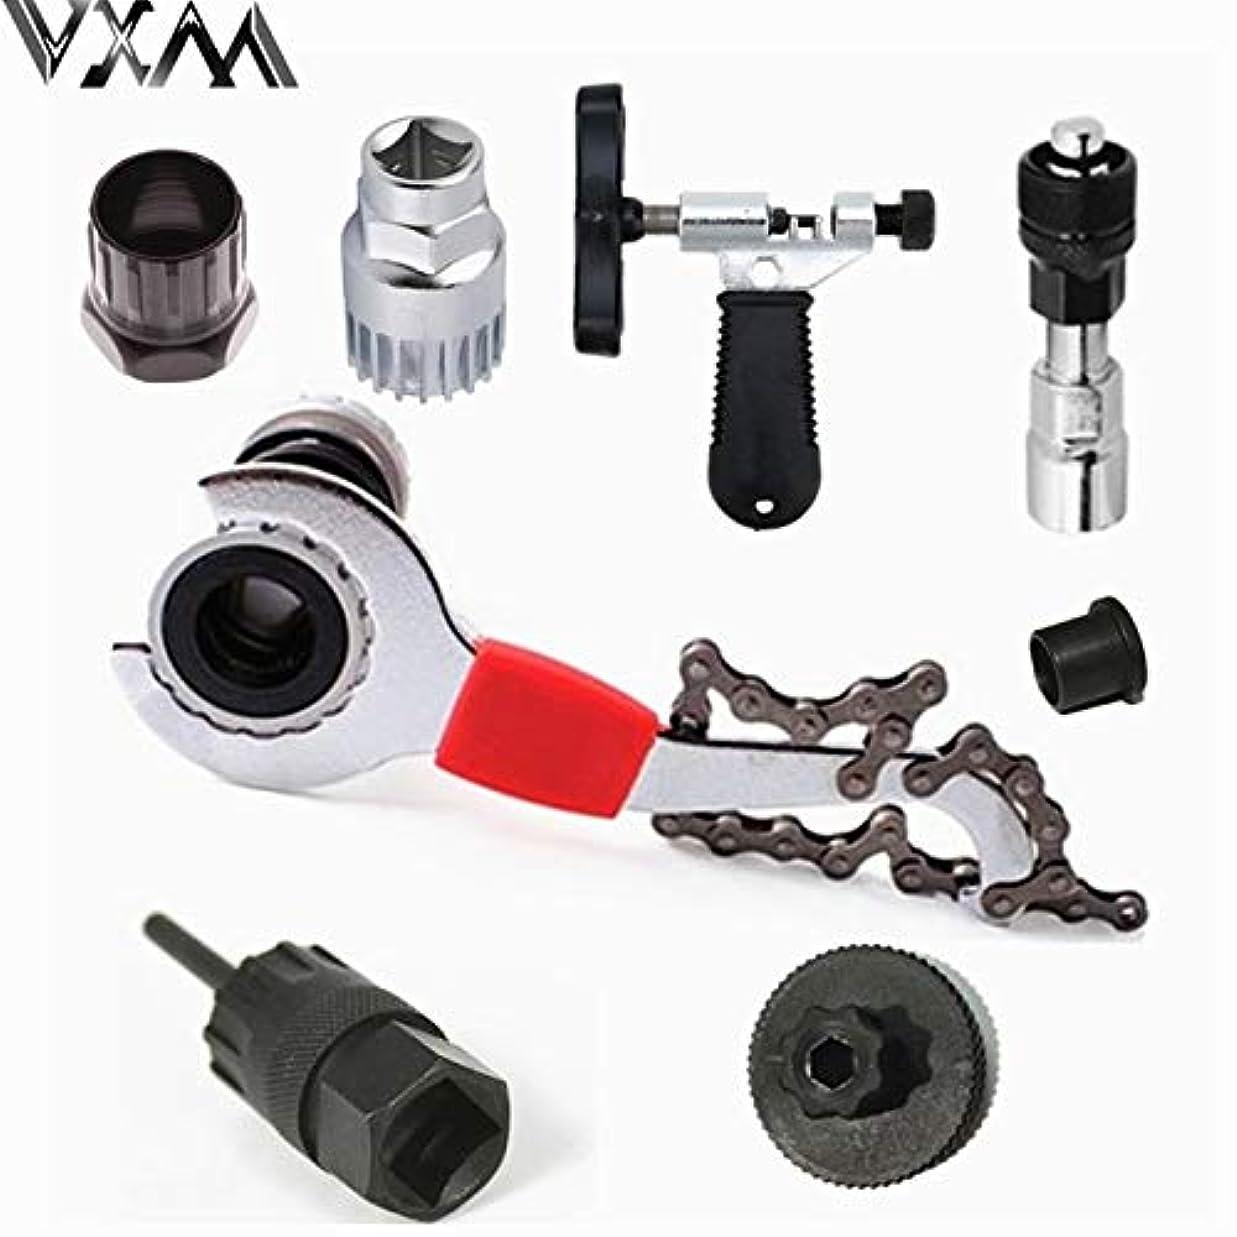 密接に瀬戸際未使用Propenary - Bicycle Mountain Bike Repair Tools Kit Bicycle Tools Chain Cutter Axis Flywheel Tools Bike Repair Remove Bicycle Parts